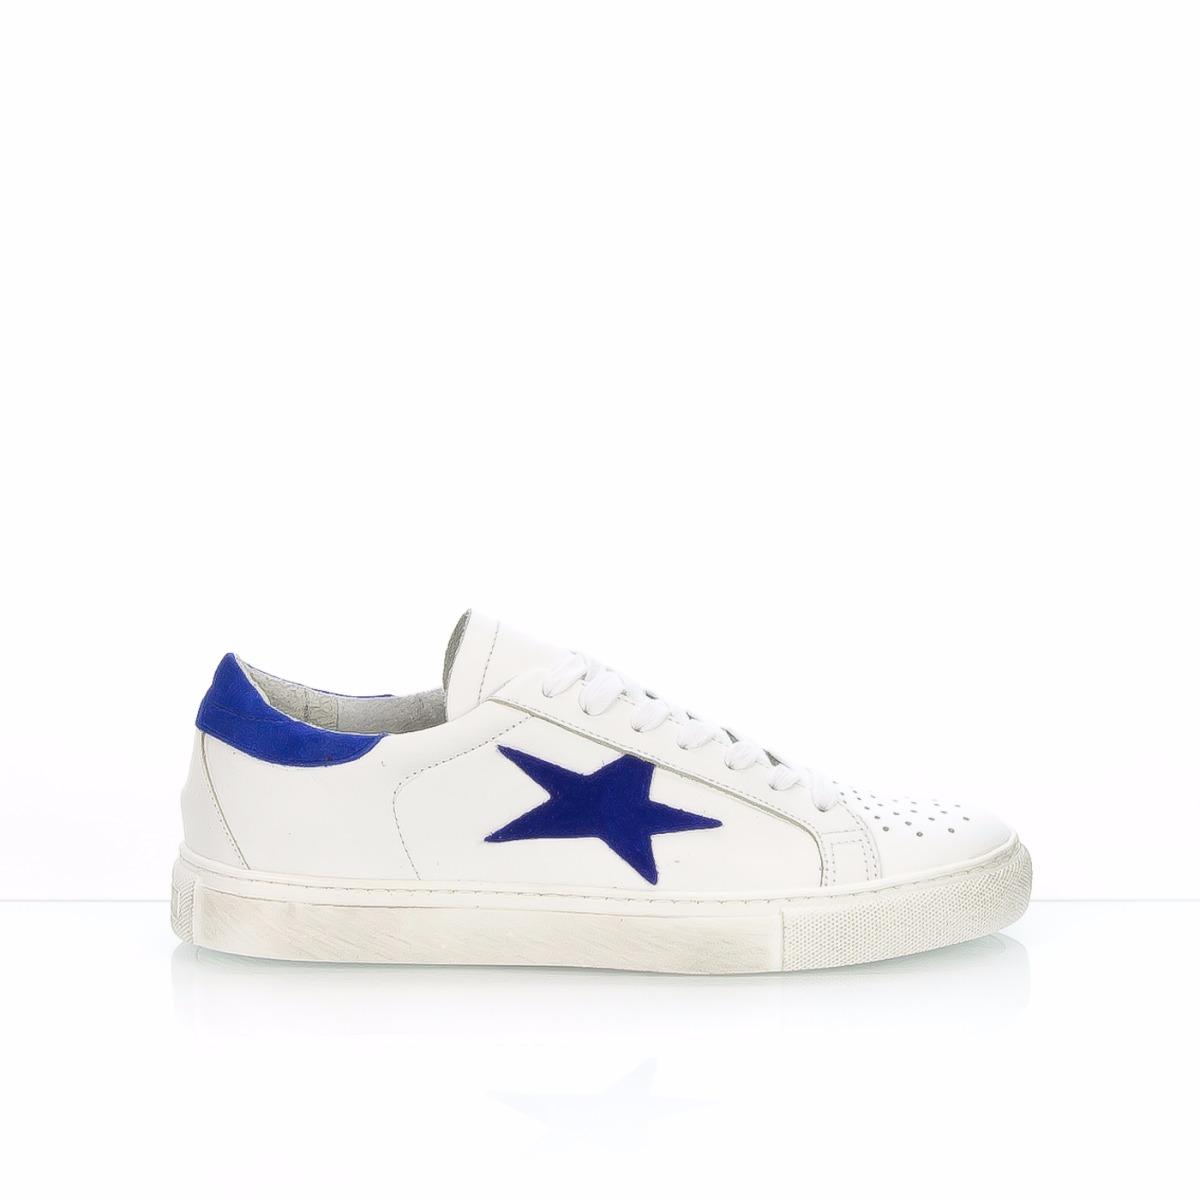 Promozioni su scarpe e accessori 3a987df3ece